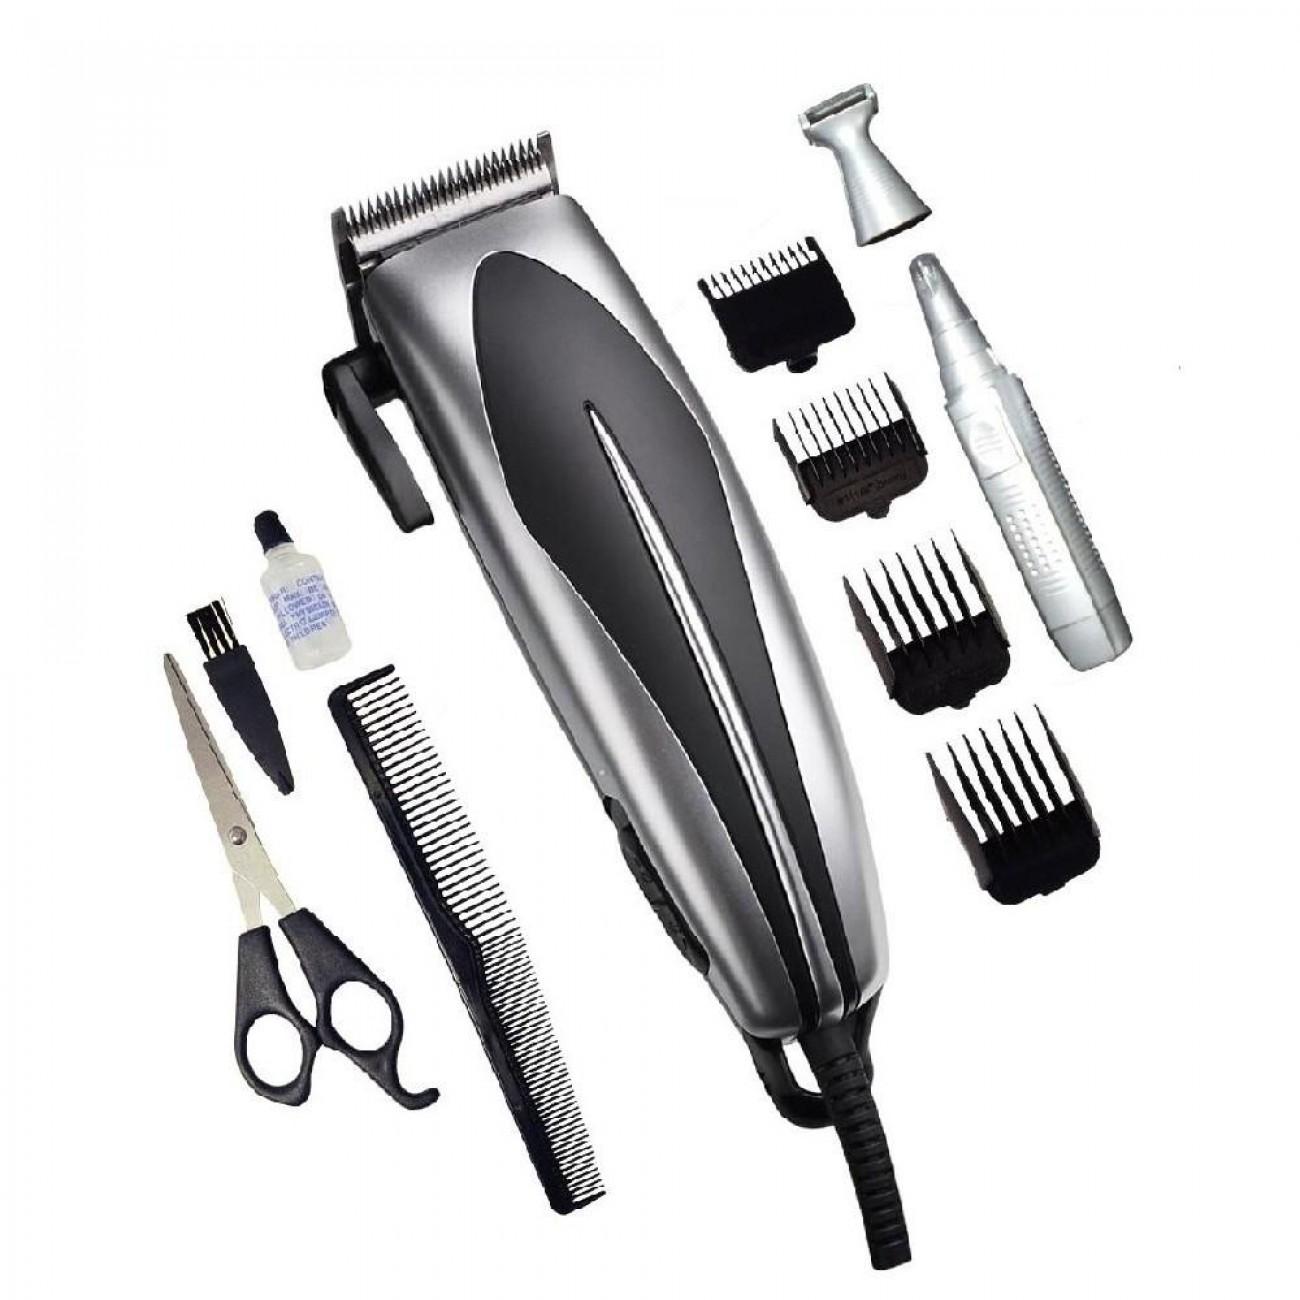 Машинка за подстригване + тример SAPIR SP 1810 RN, 9W в Машинки за подстригване - SAPIR | Alleop